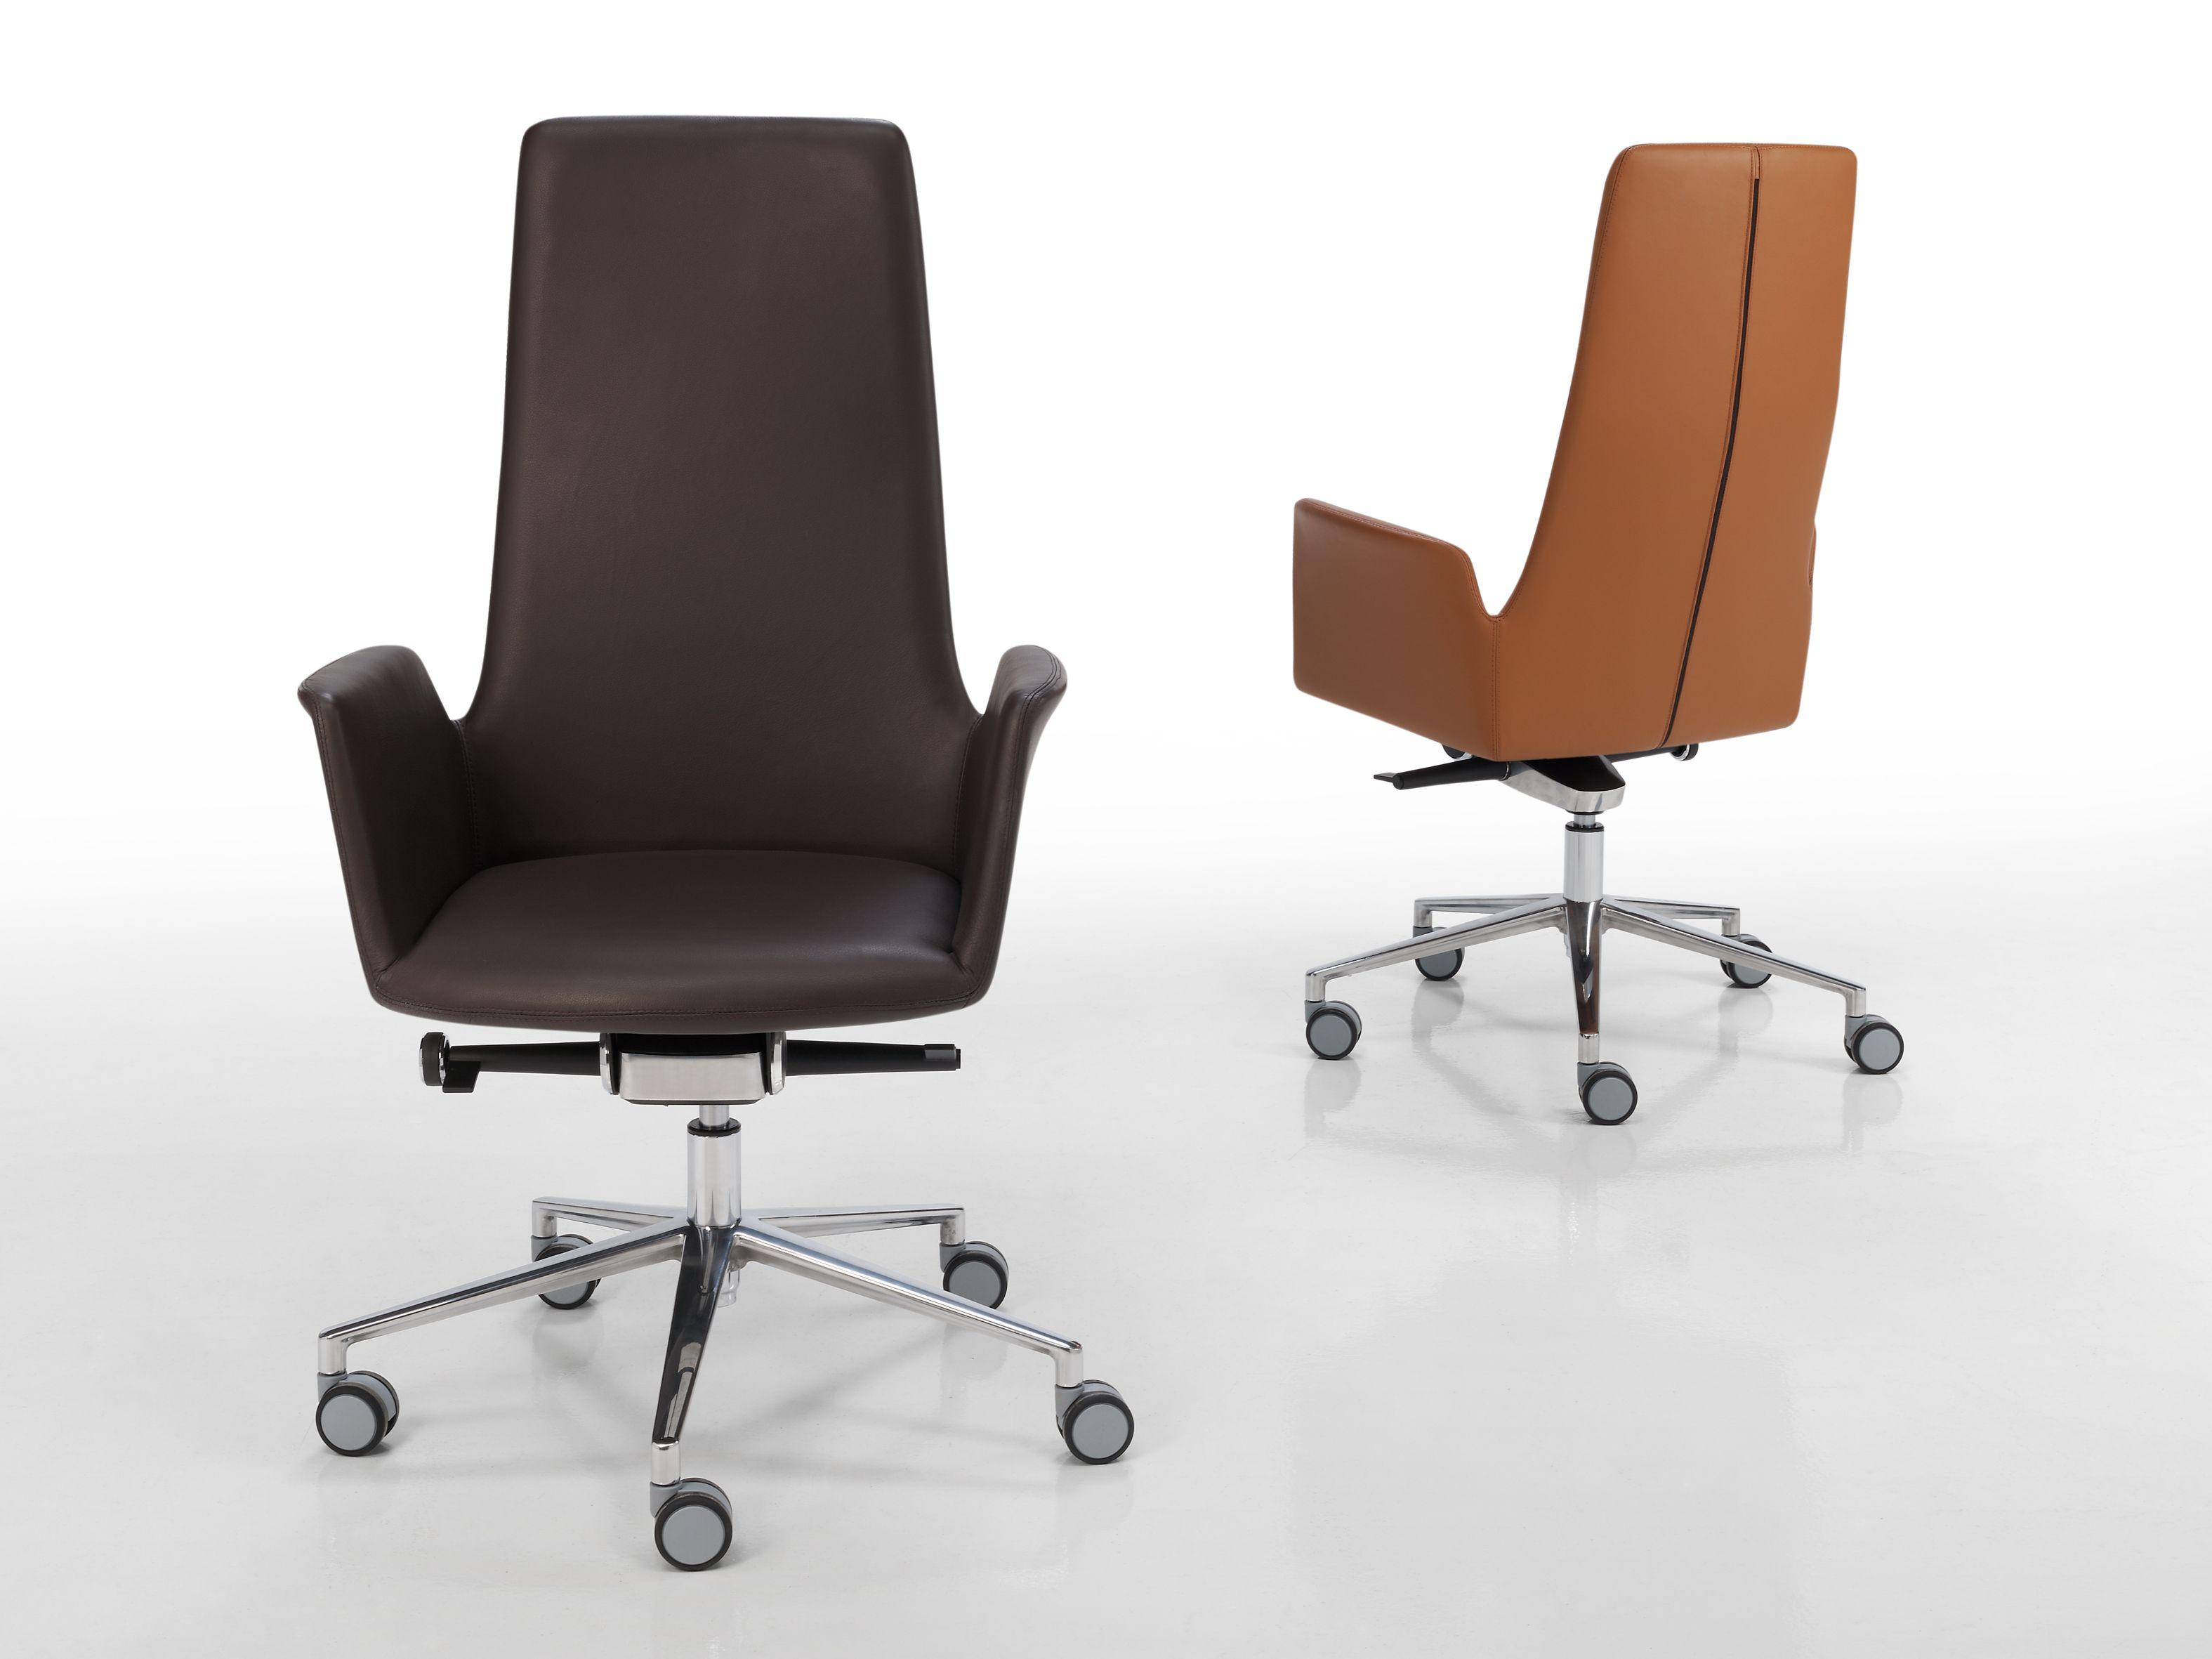 Sedie Da Ufficio Senza Rotelle : Sedia con ruote ufficio u casamia idea di immagine